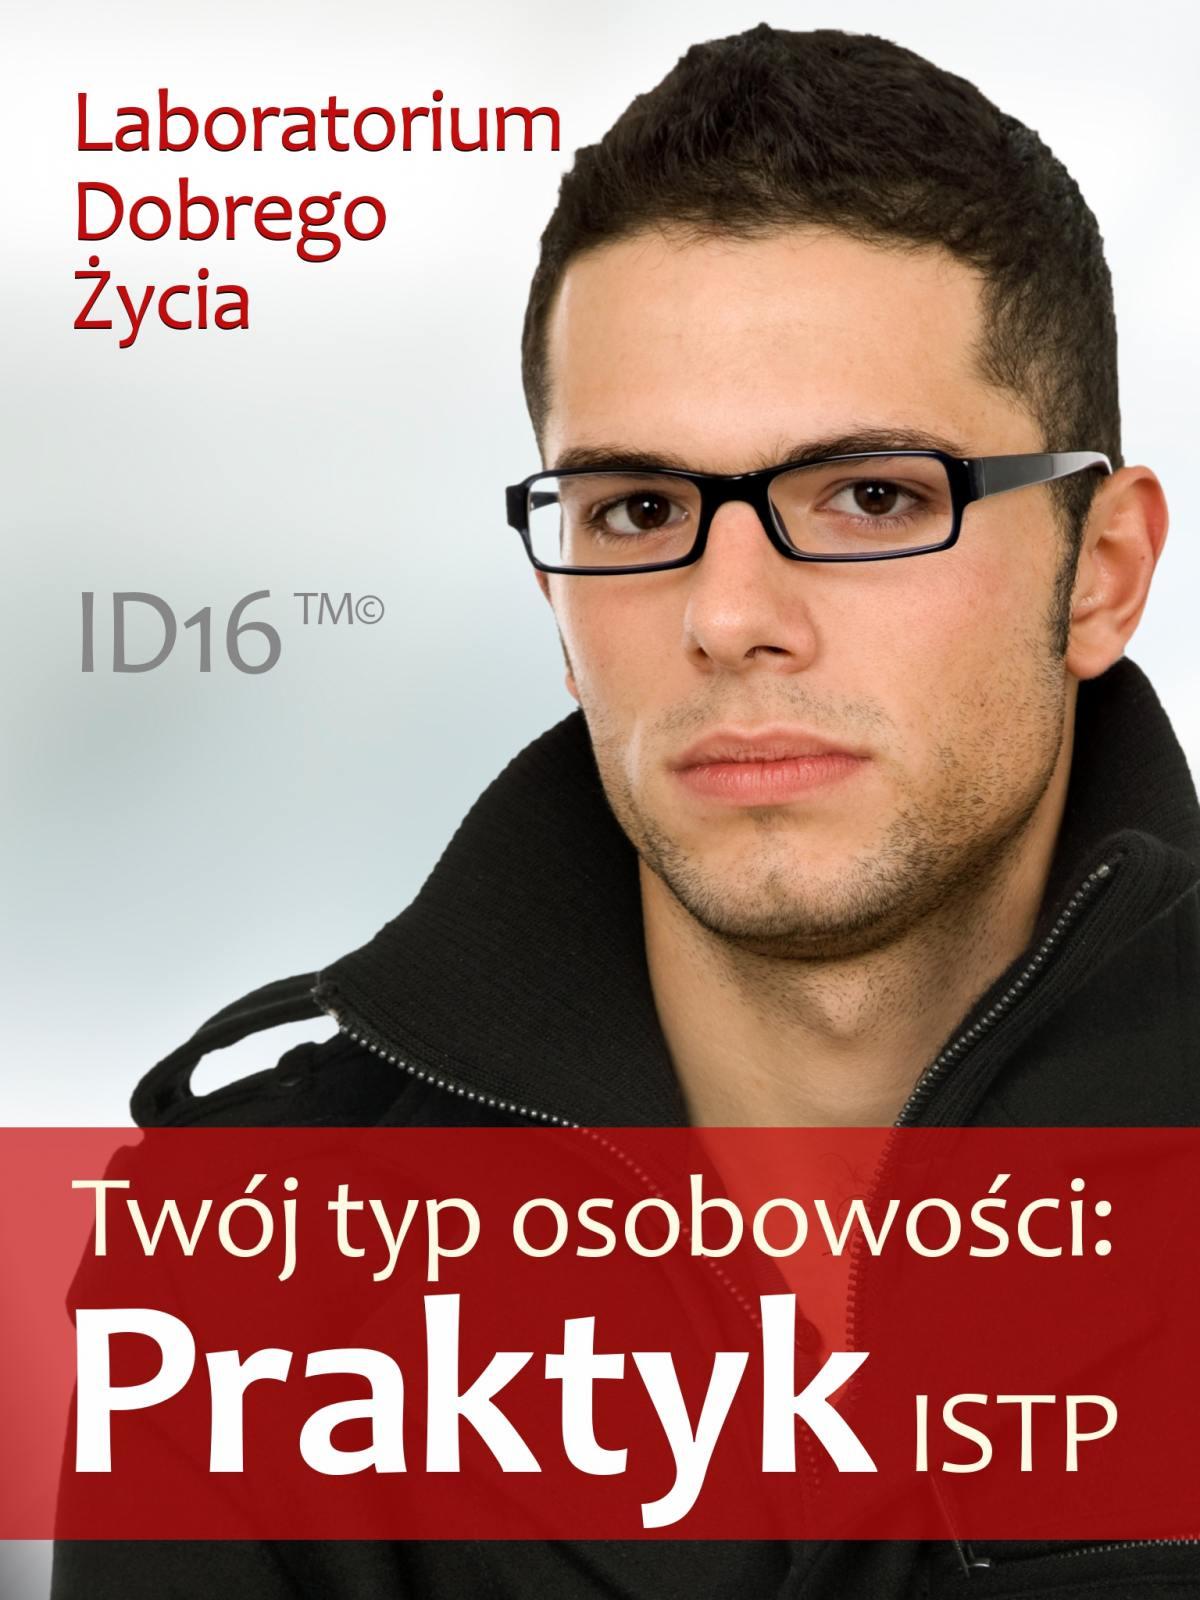 Twój typ osobowości: Praktyk (ISTP) - Ebook (Książka EPUB) do pobrania w formacie EPUB